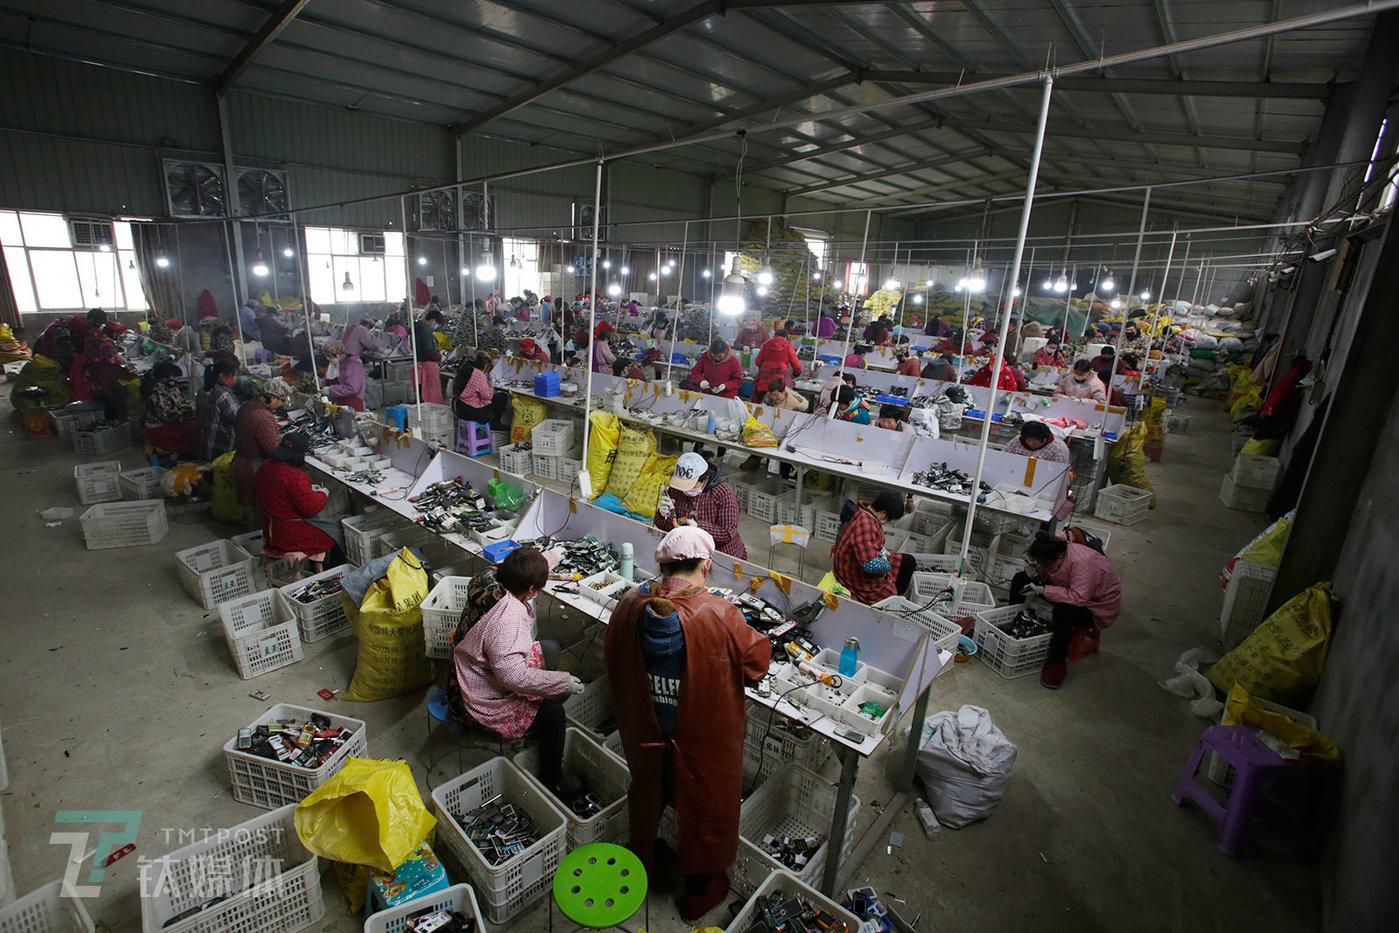 2019年3月5日,河南商丘永城一家手机拆解厂,近百名工人在拆解手机。据介绍,全国70%的老年机都被送到永城当地拆解。